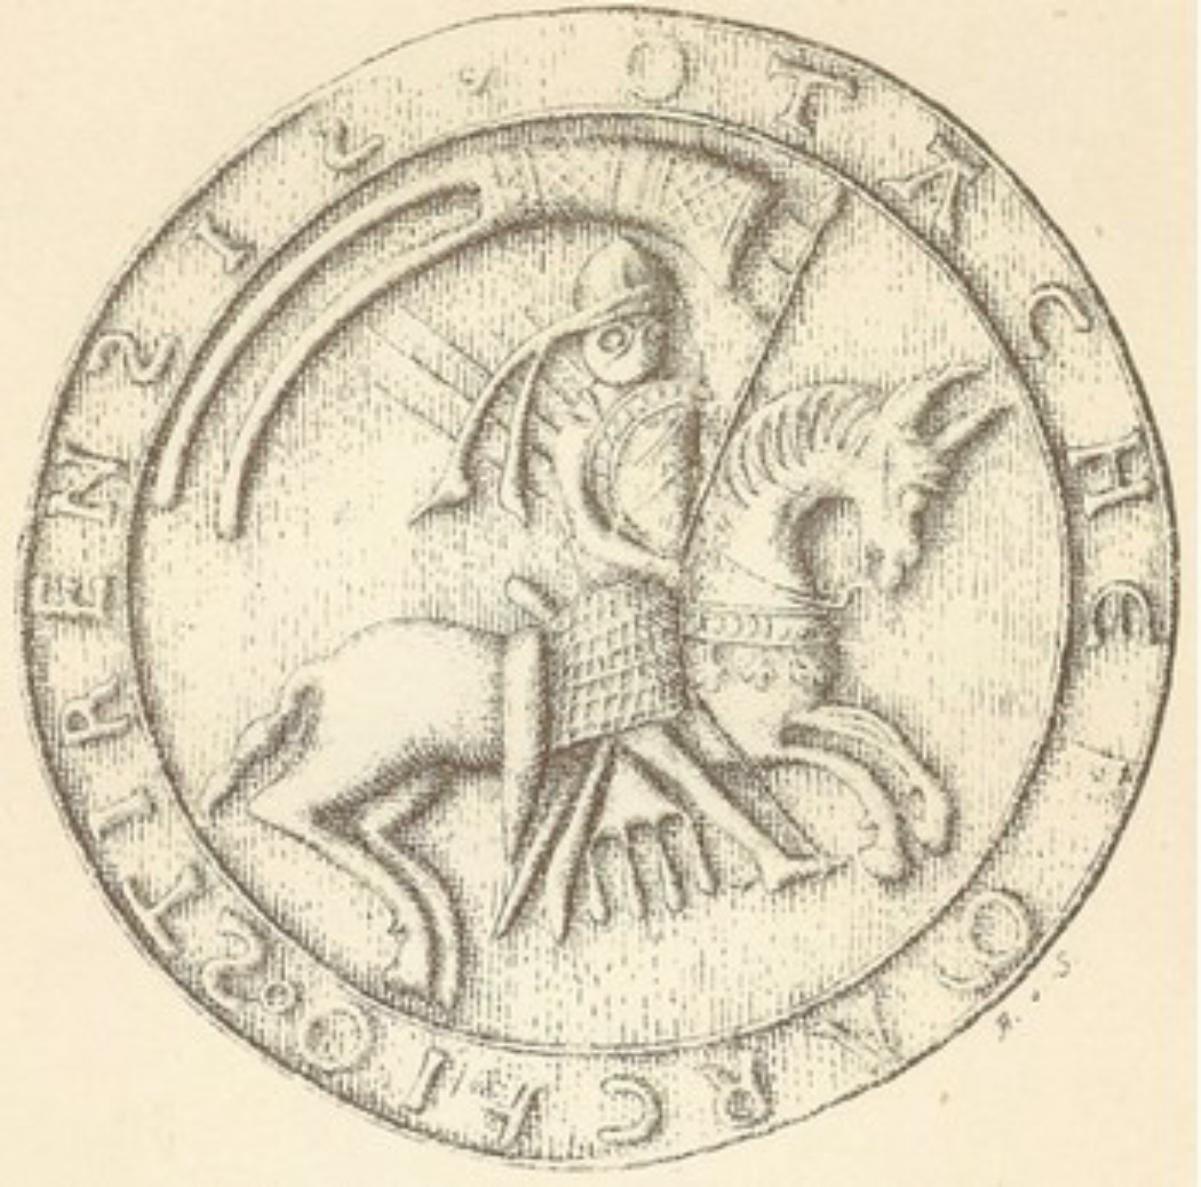 Ottokar III of Styria